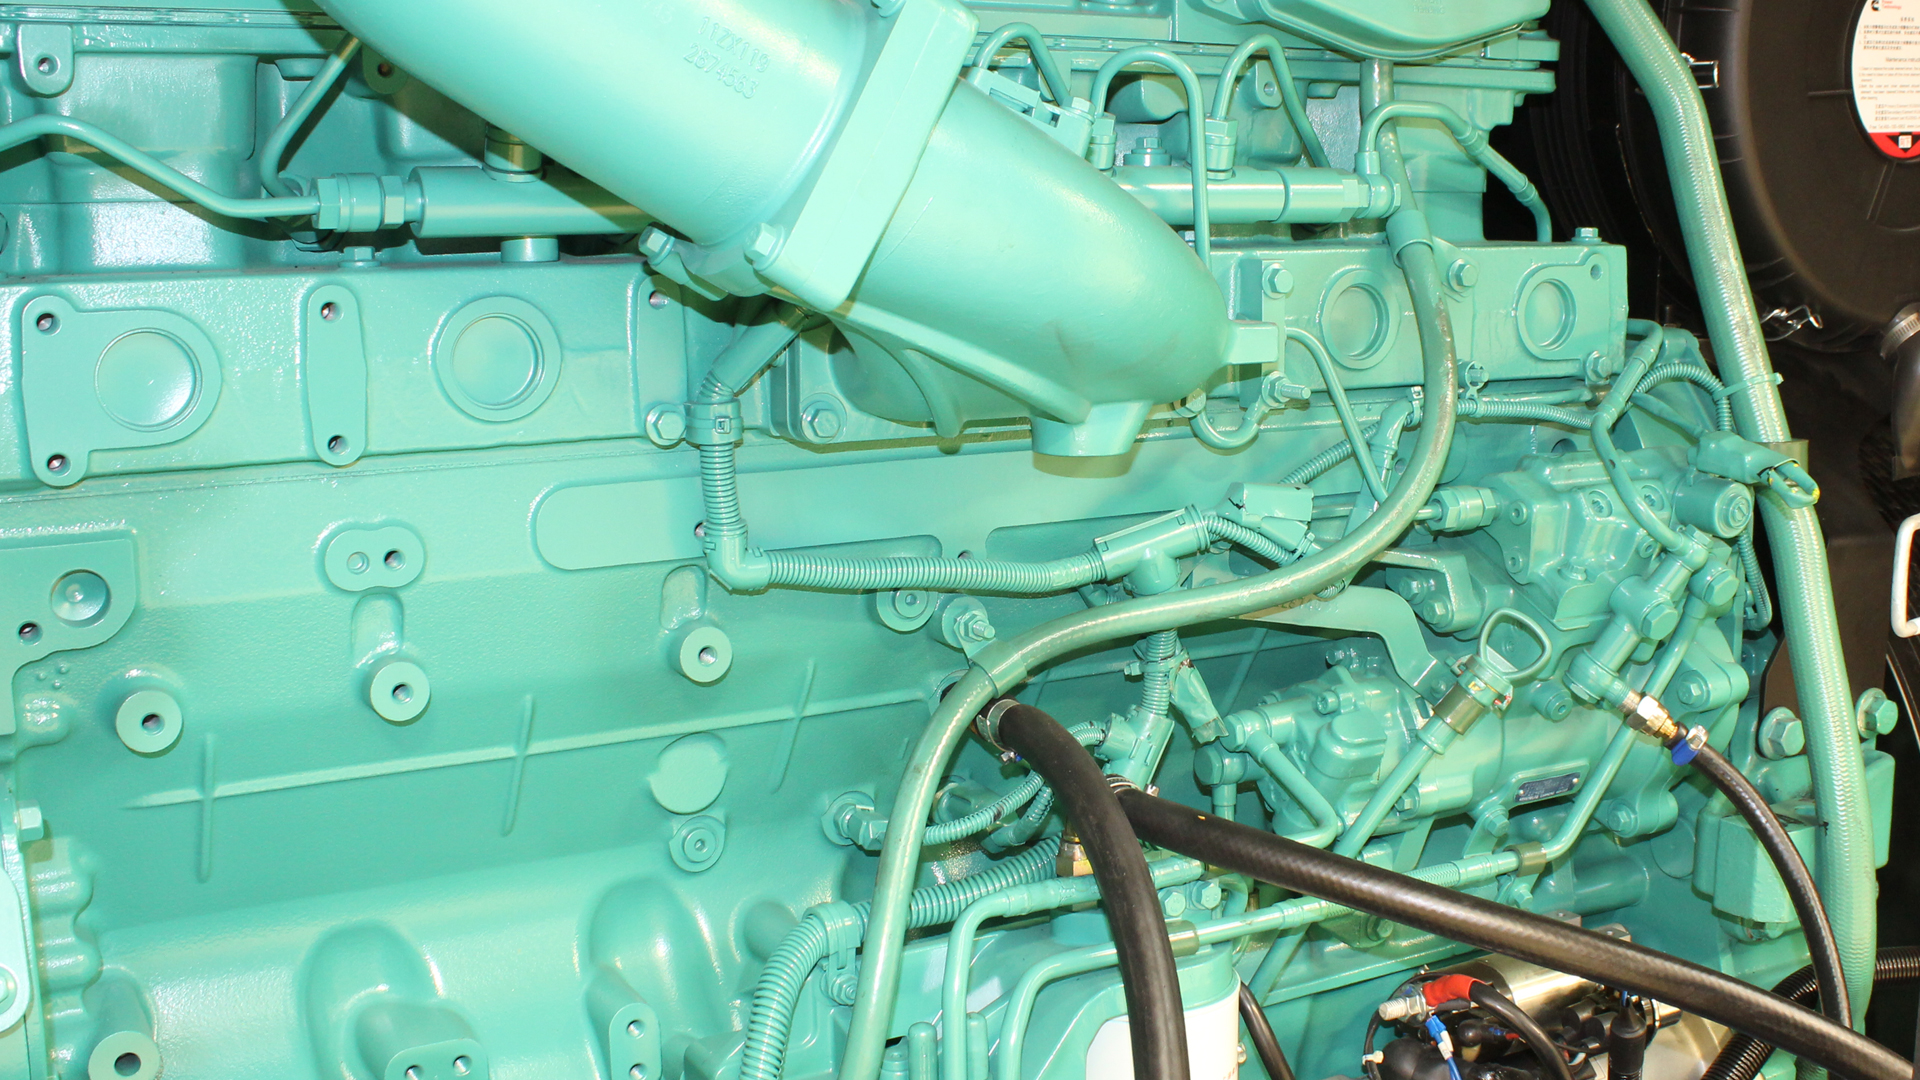 Cummins Engine Block, QSZ13 Diesel Engine in Generator